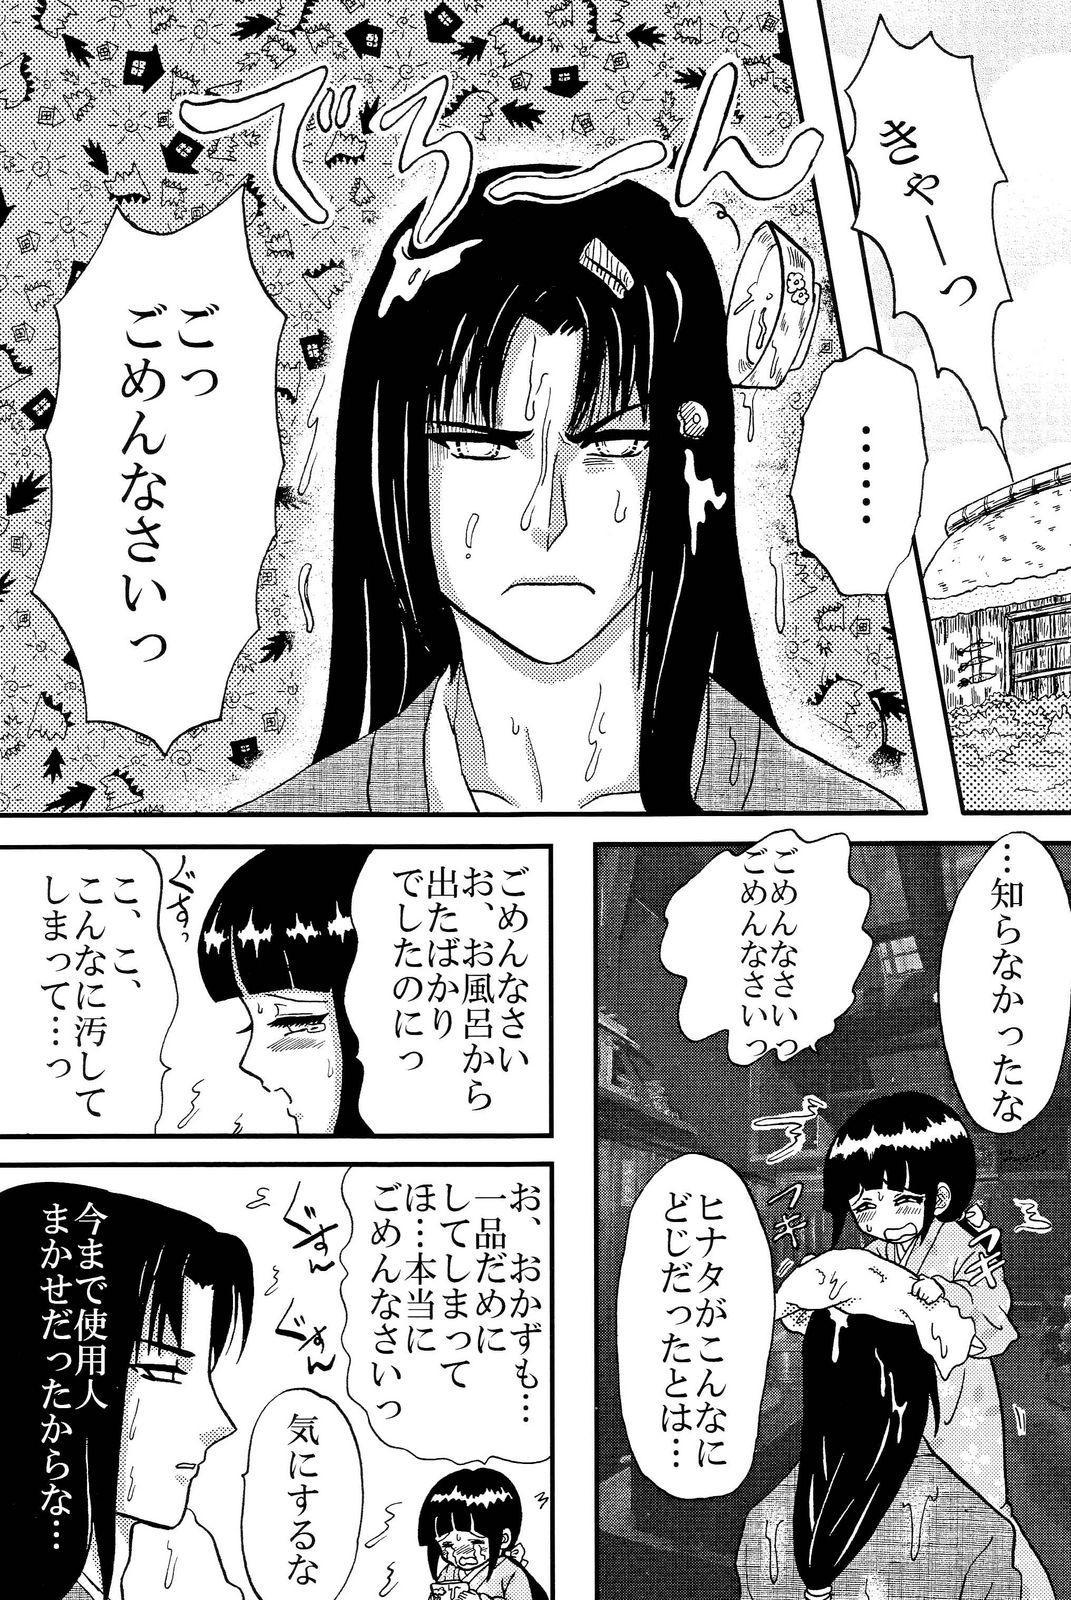 Yami ni Saku Hana IV 42